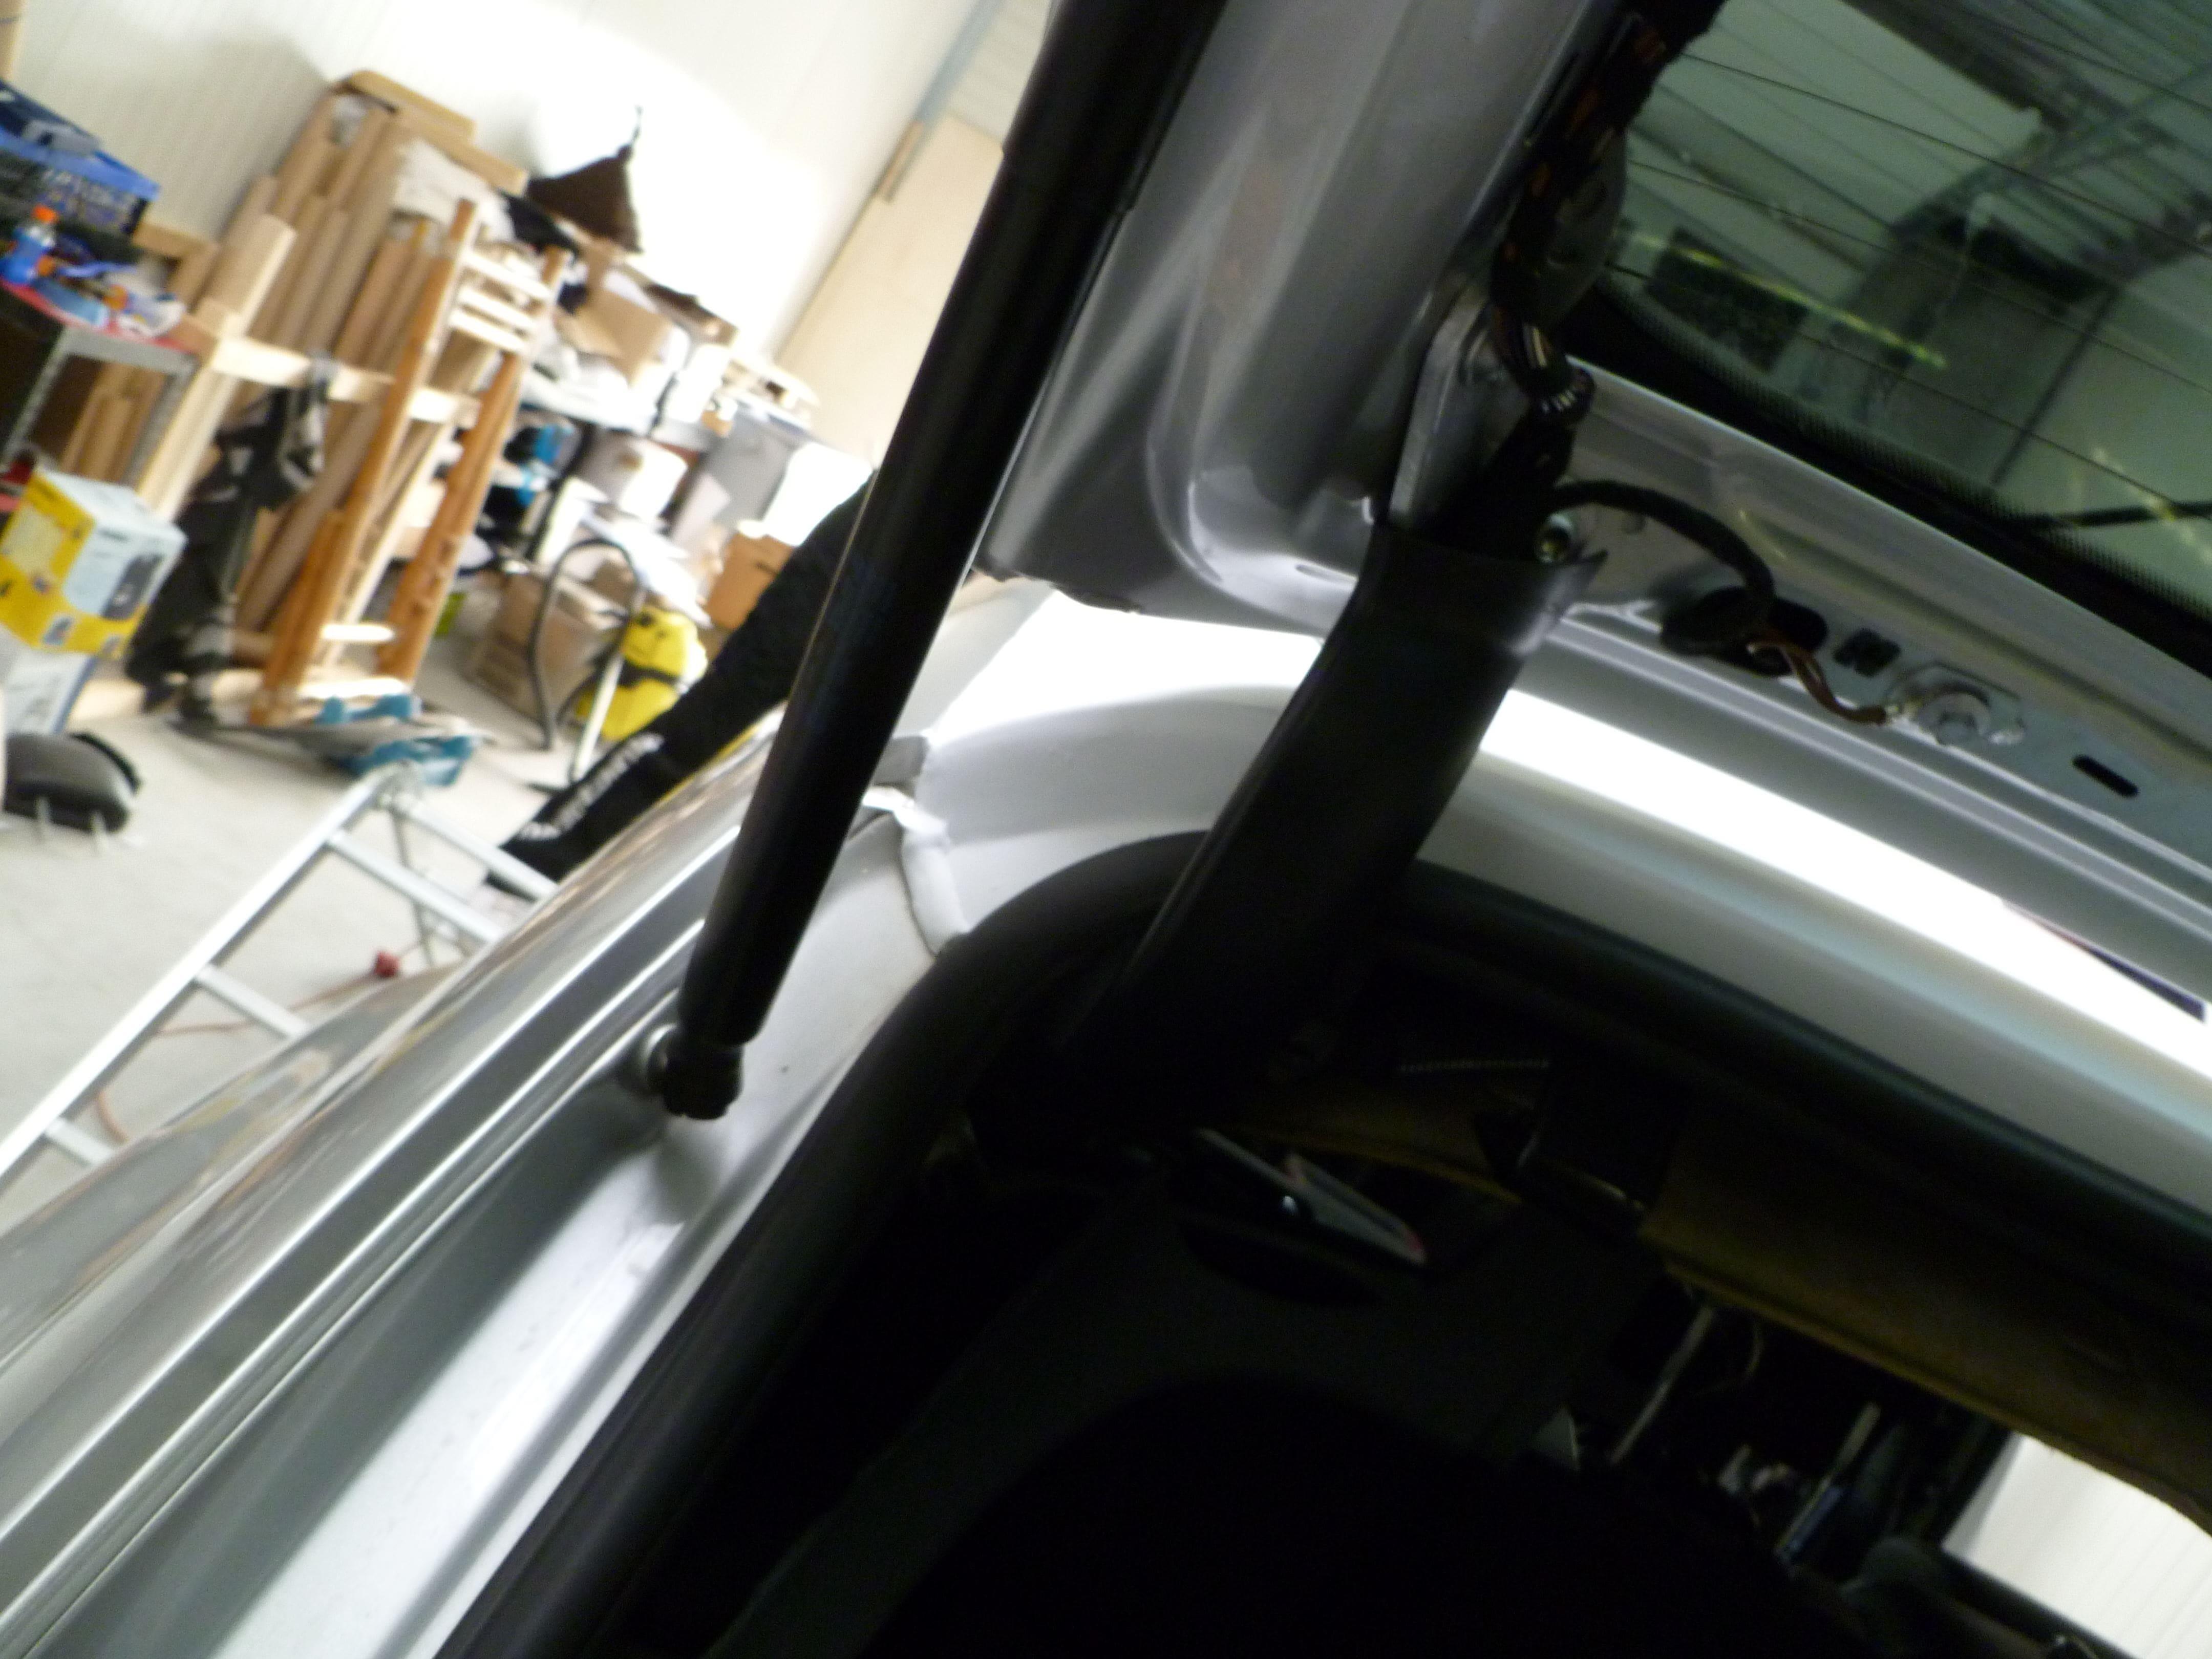 Audi Q7 met Mat Witte Wrap, Carwrapping door Wrapmyride.nu Foto-nr:4978, ©2021